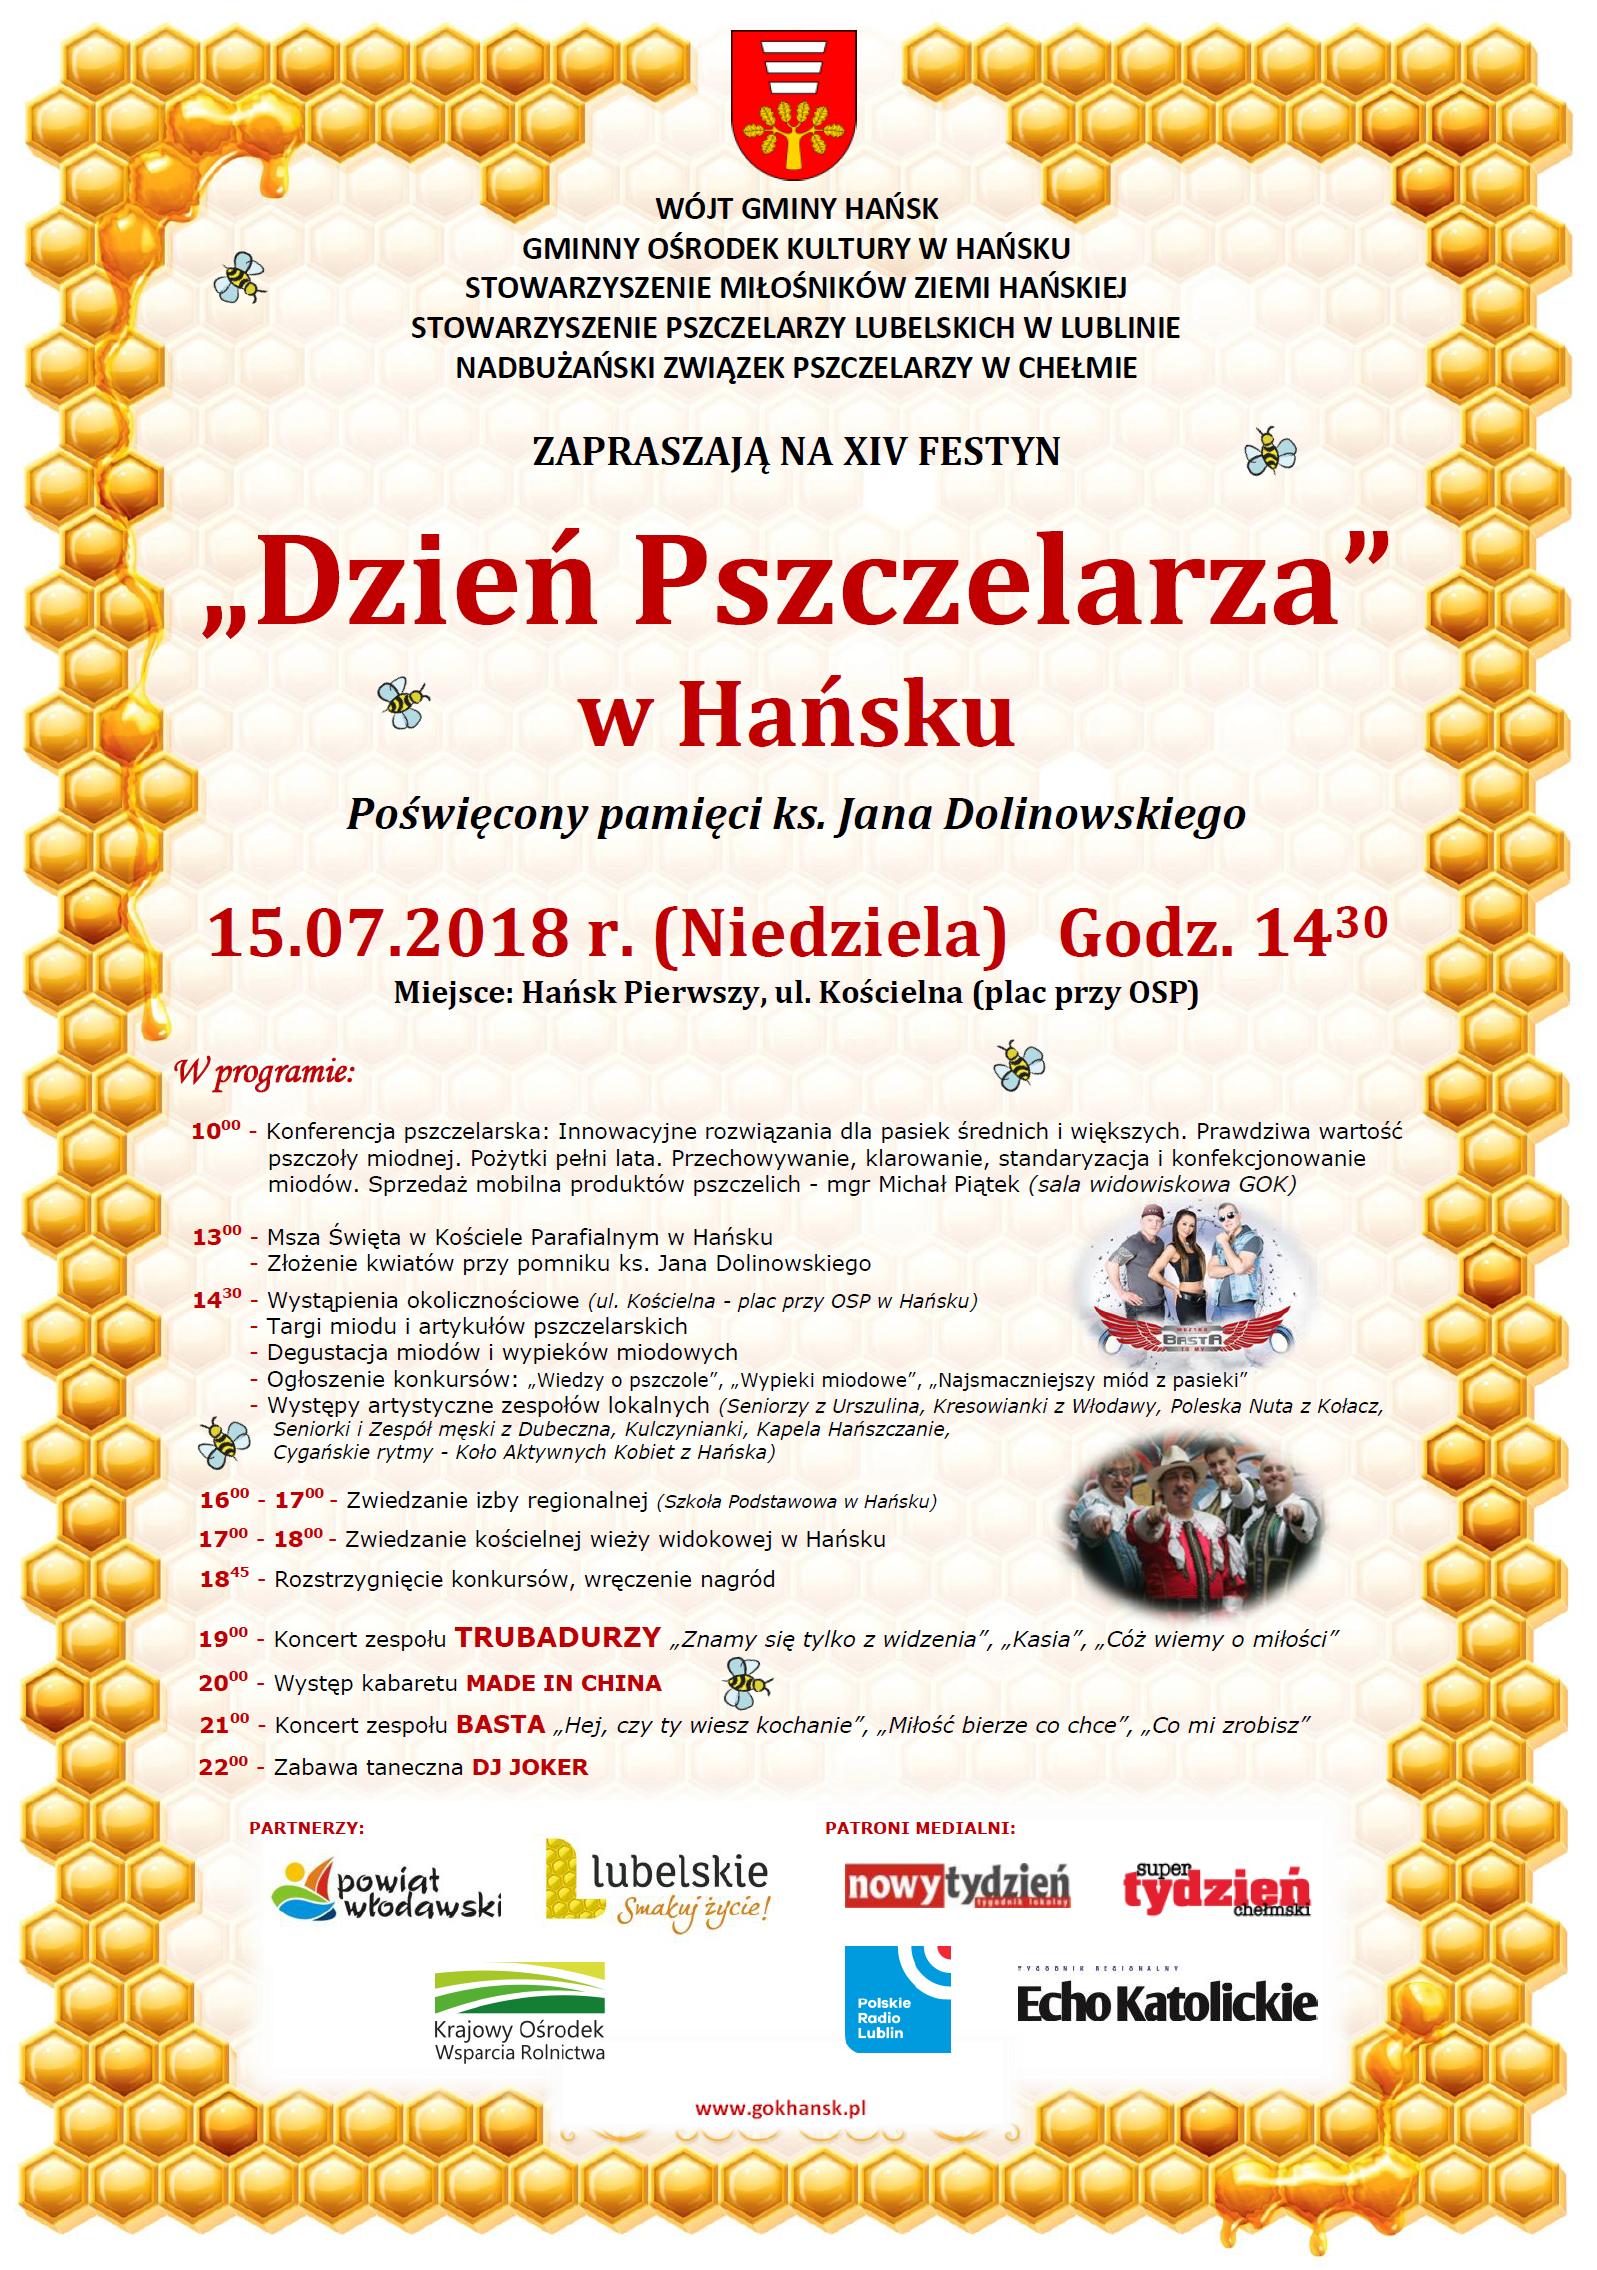 Festyn Dzień Pszczelarza